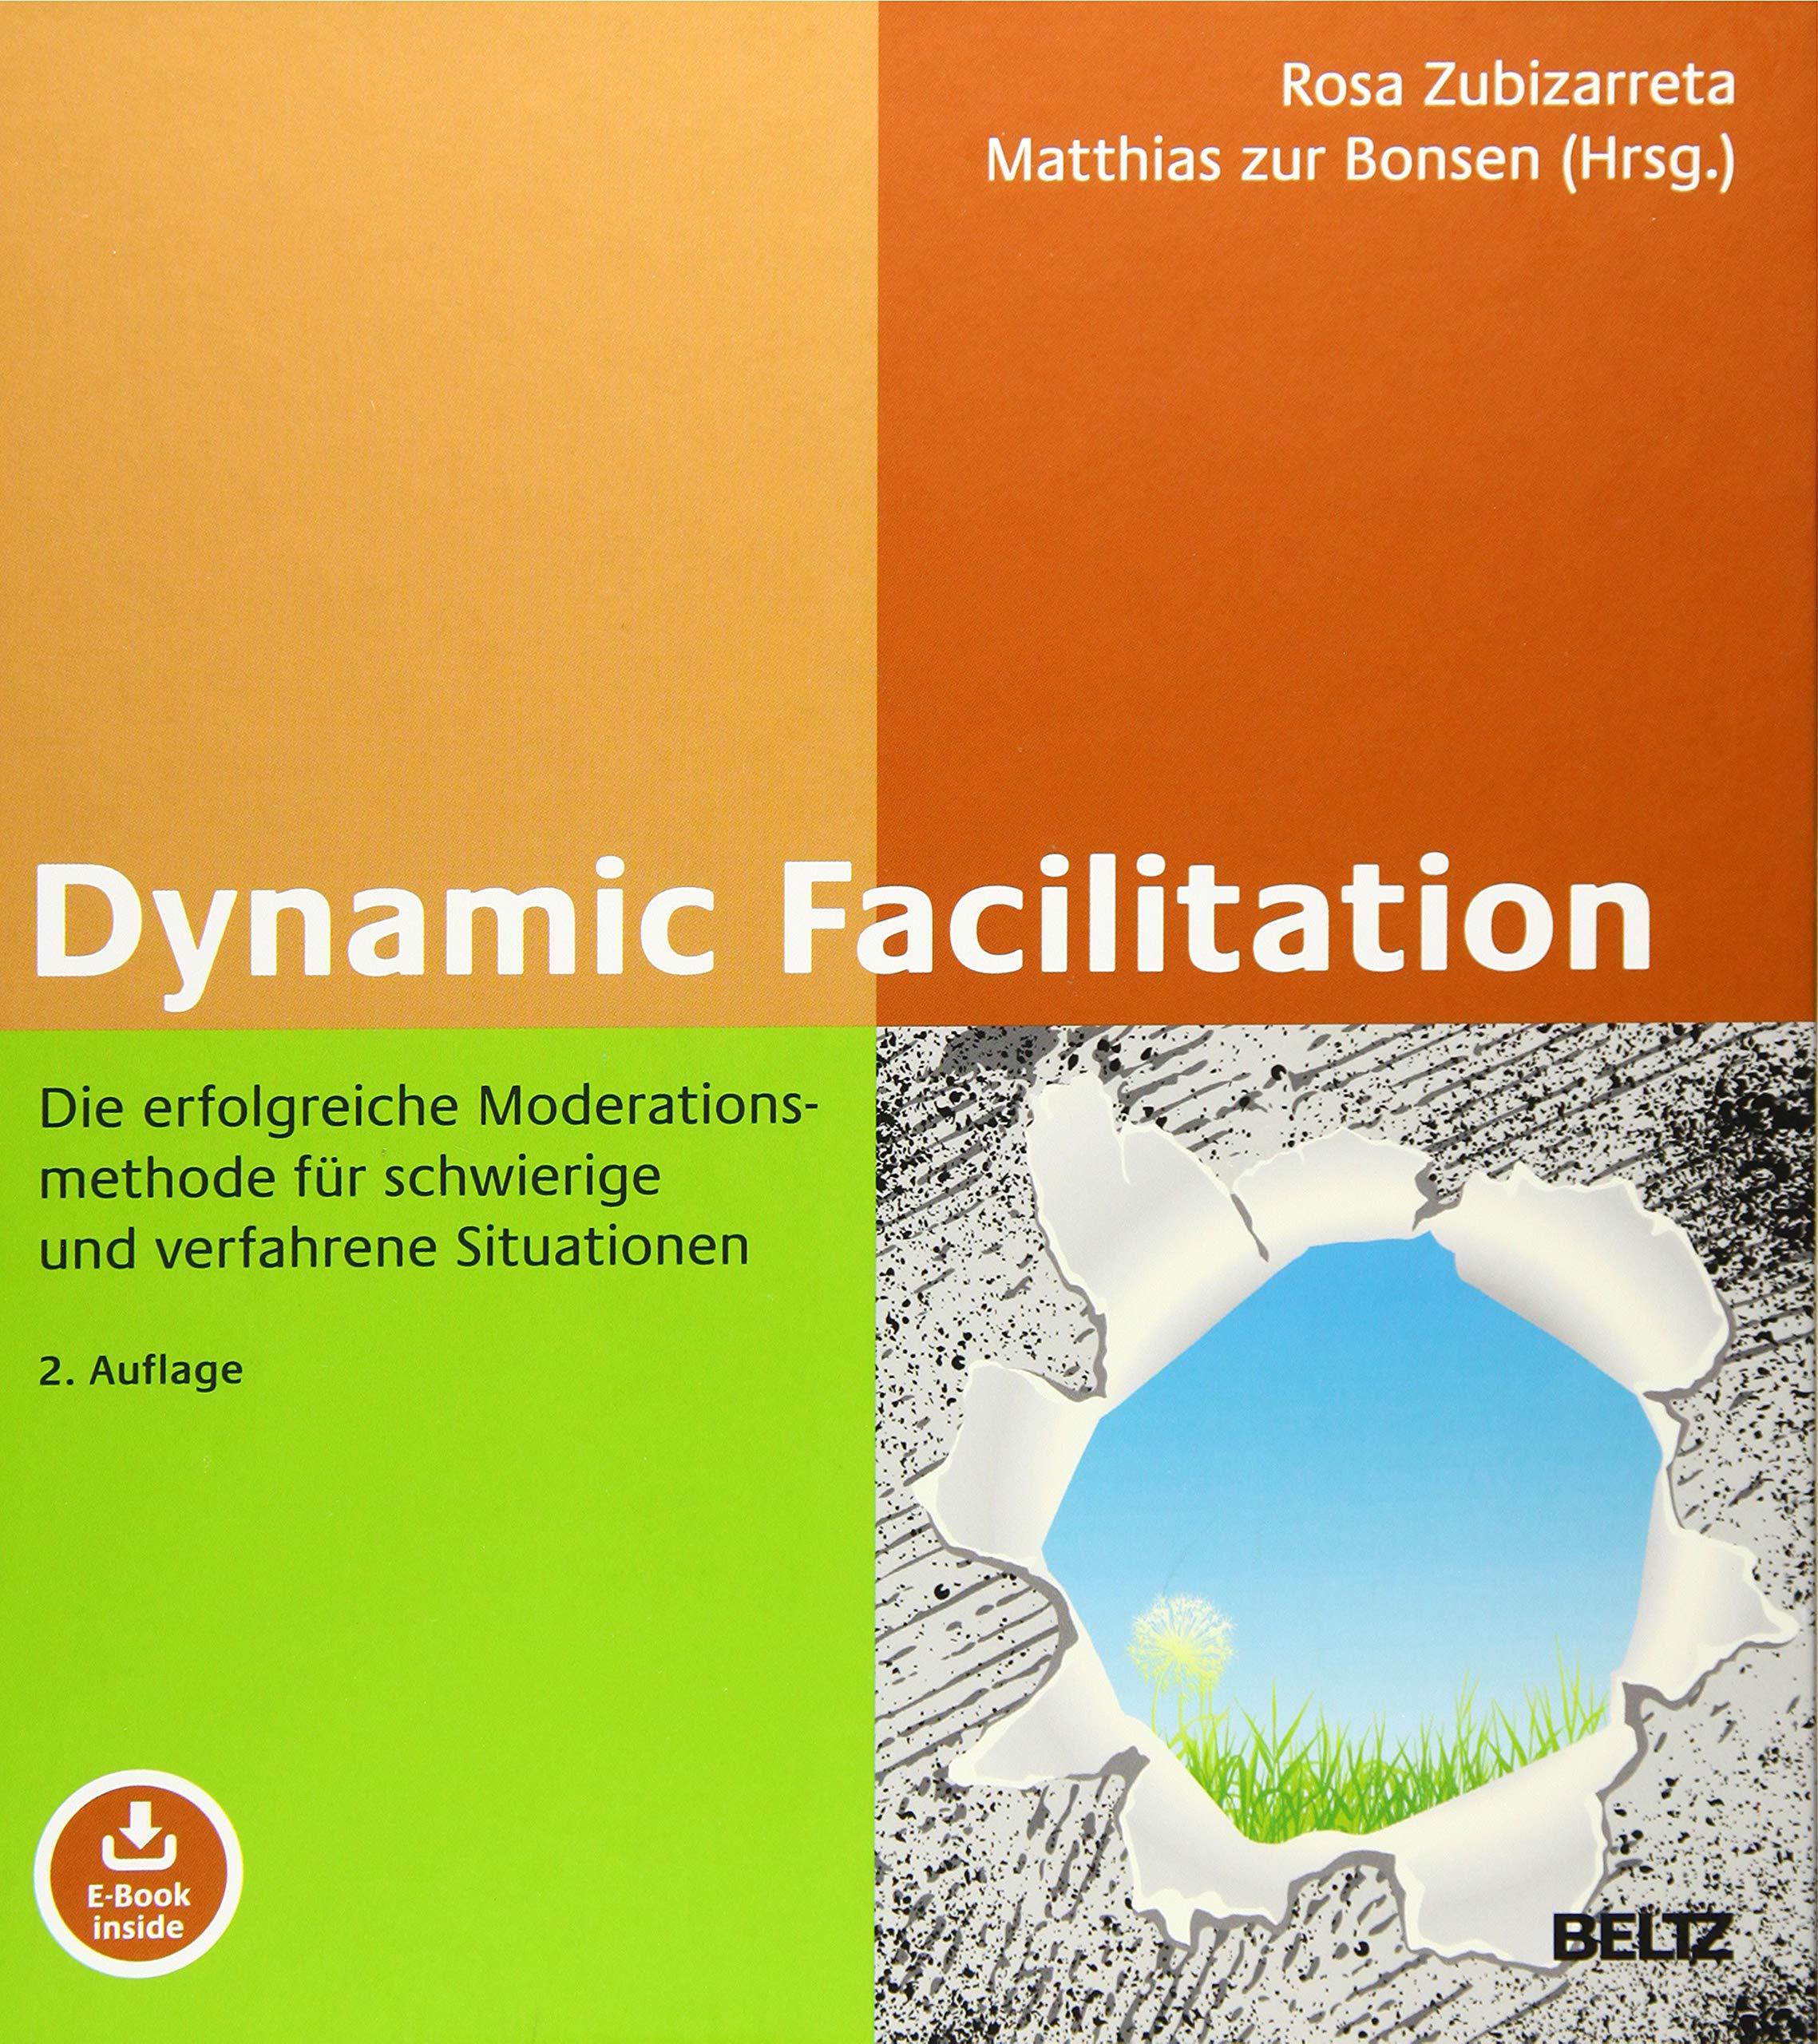 Dynamic Facilitation  Die Erfolgreiche Moderationsmethode Für Schwierige Und Verfahrene Situationen. Mit E Book Inside